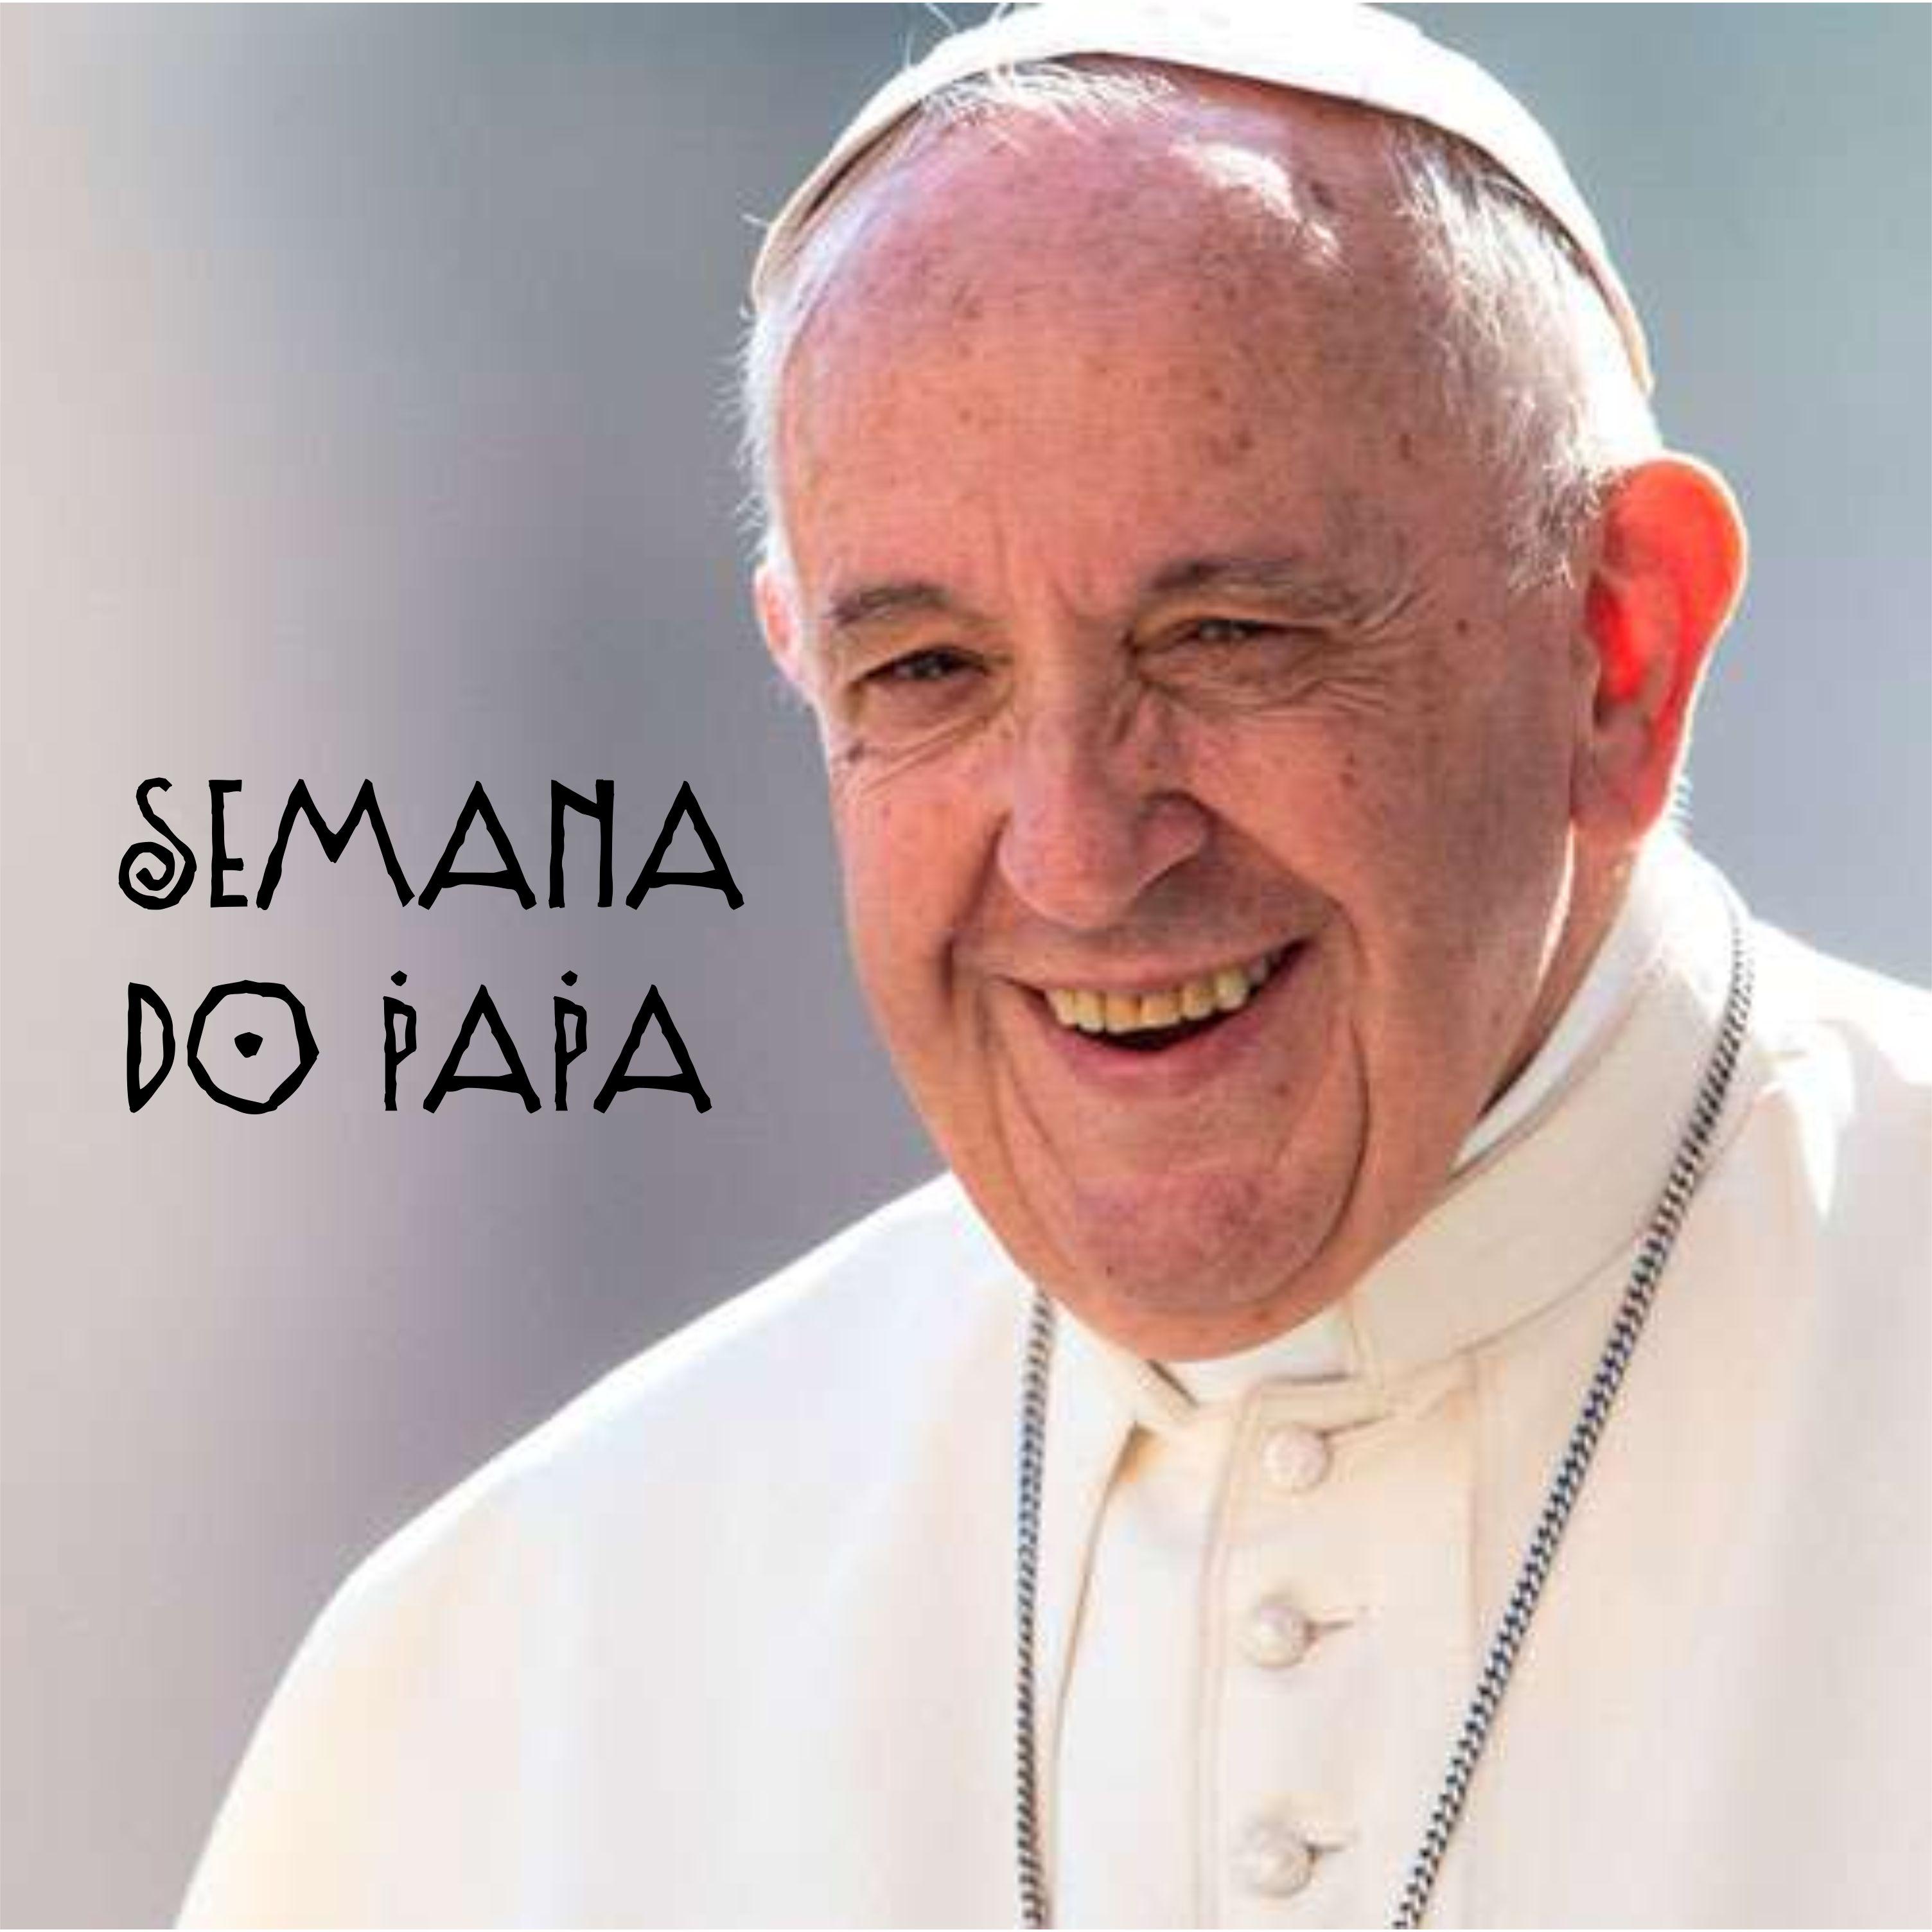 SEMANA DO PAPA